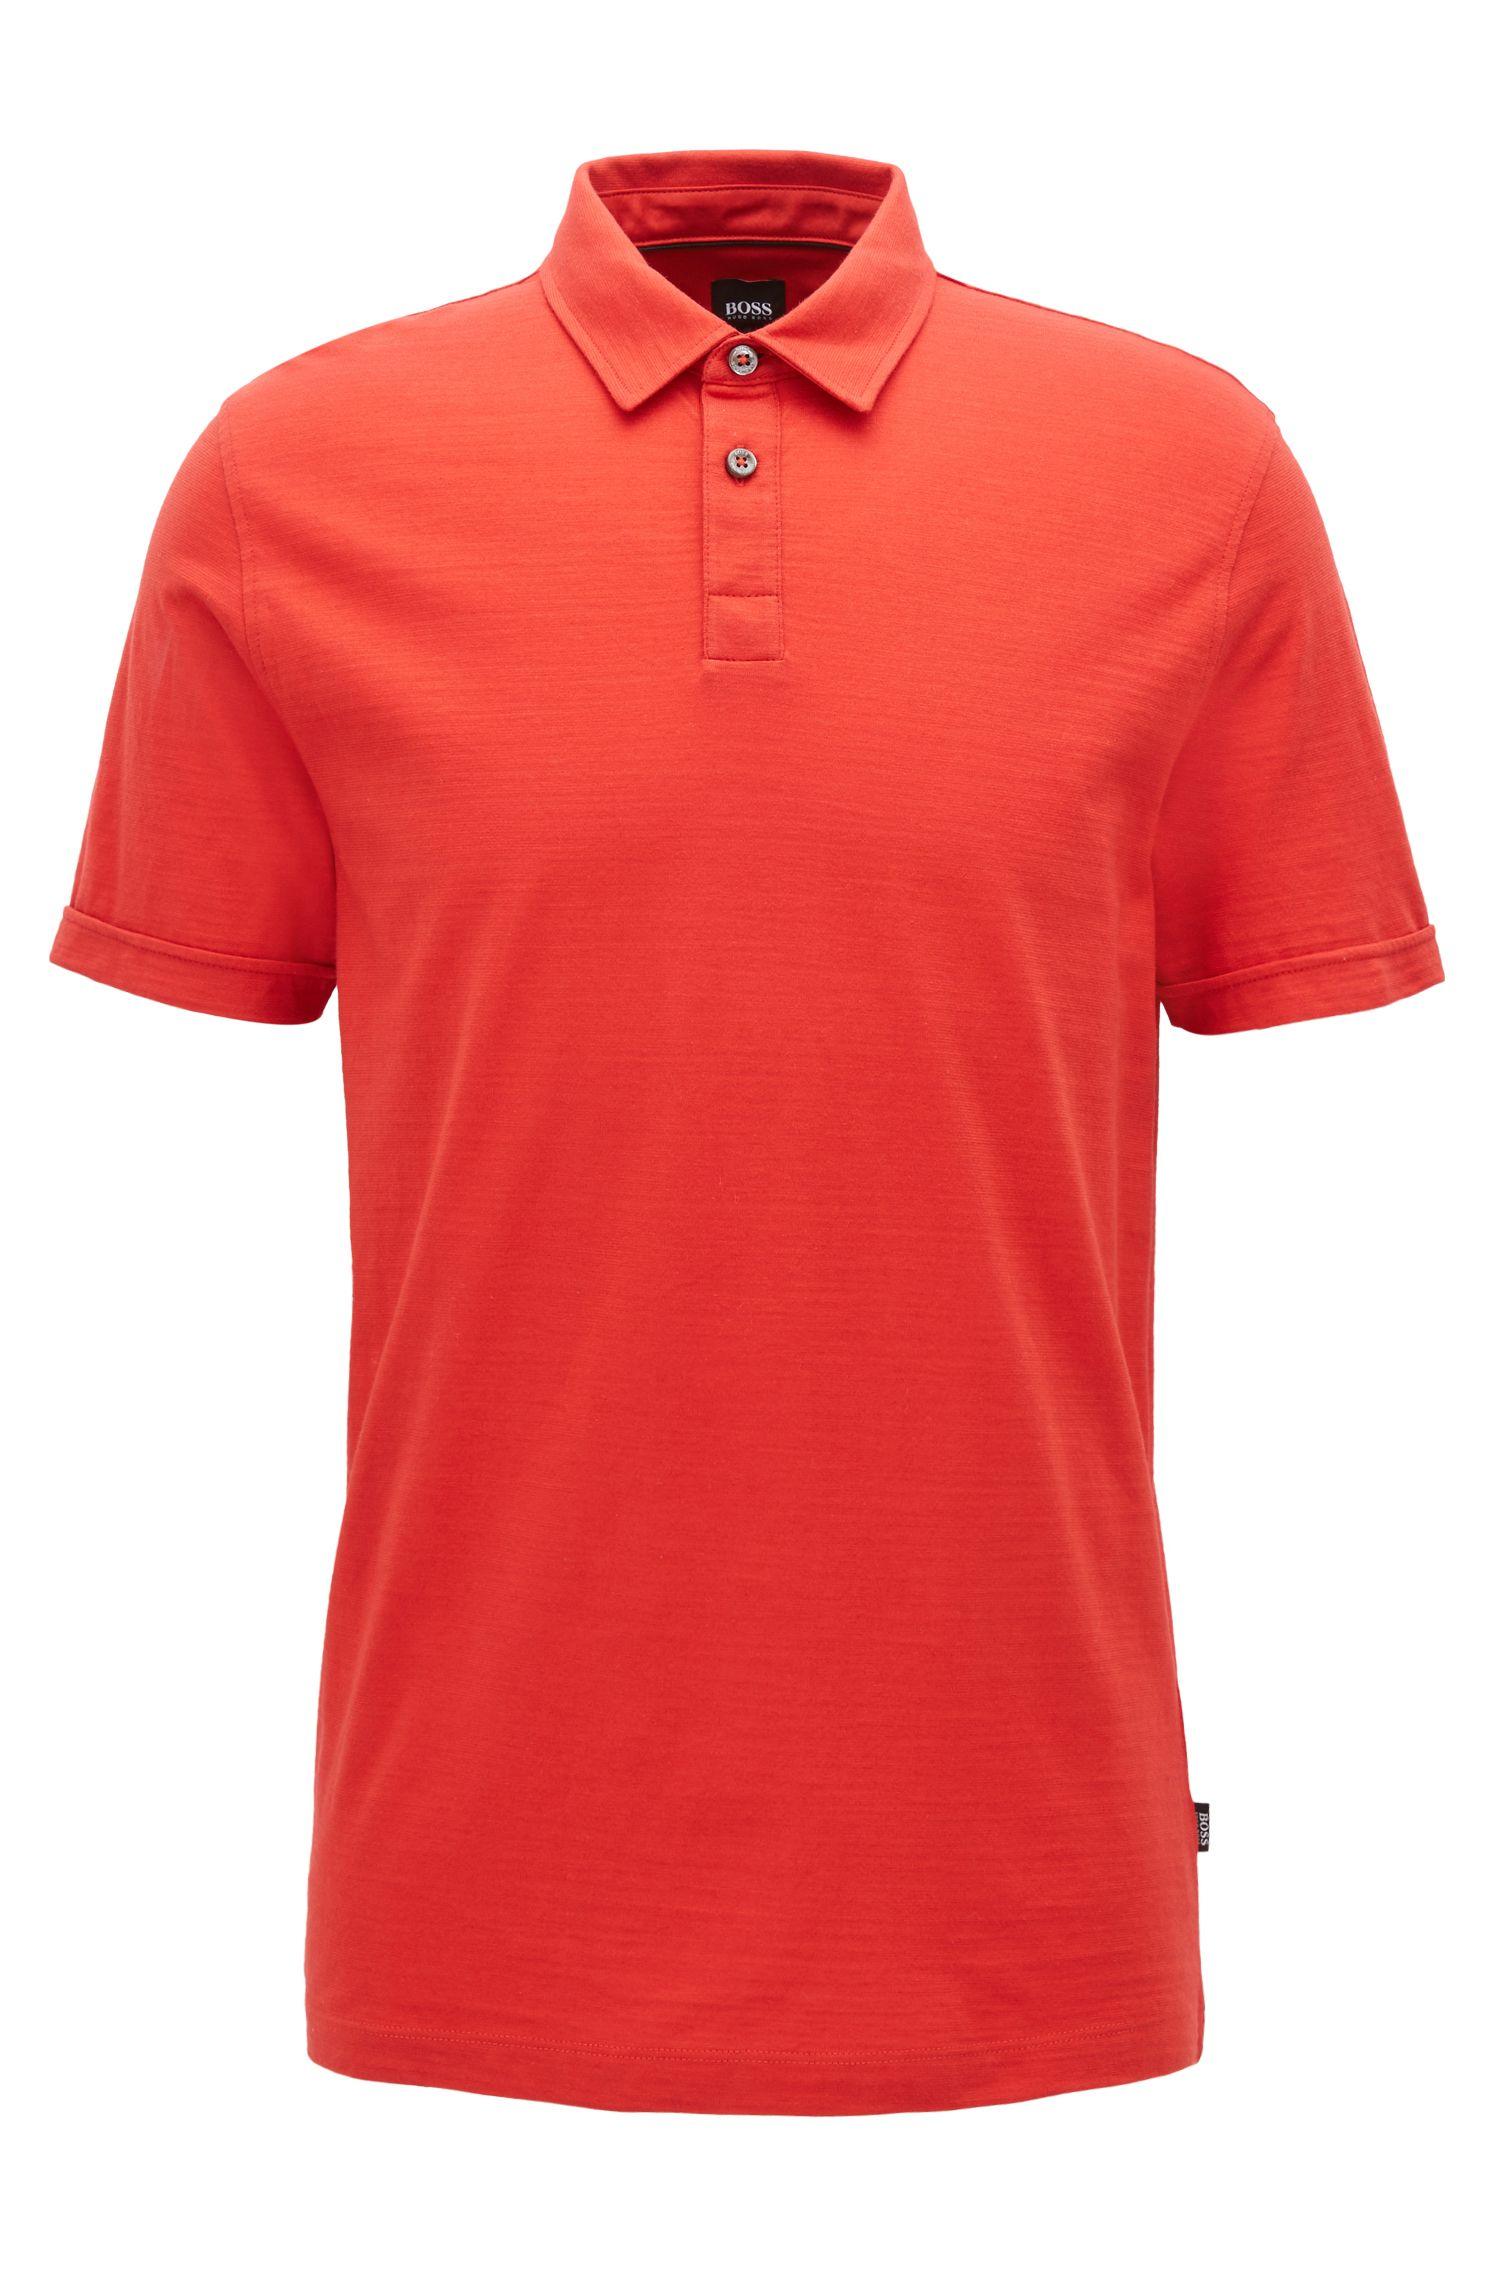 Polo à manches courtes en jersey simple mercerisé